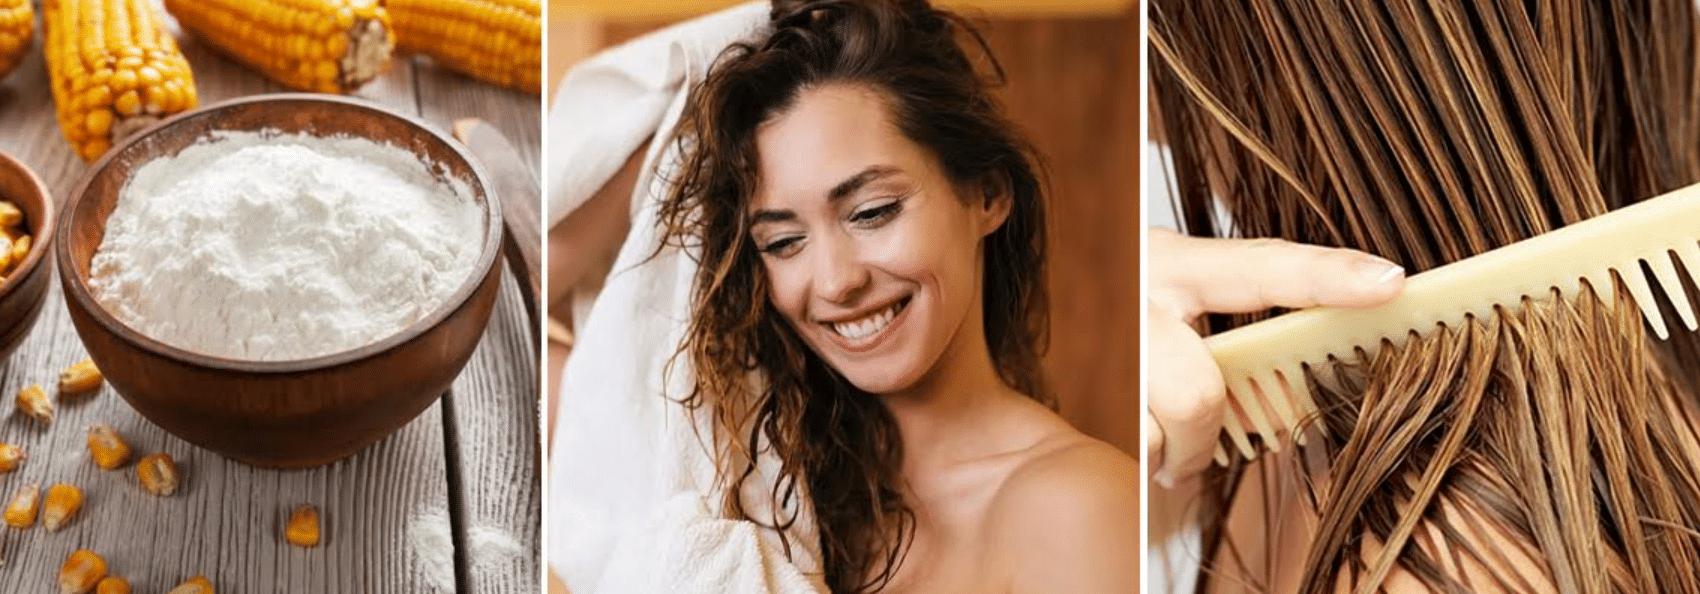 mulher sorrindo hidratando os cabelos com maisena